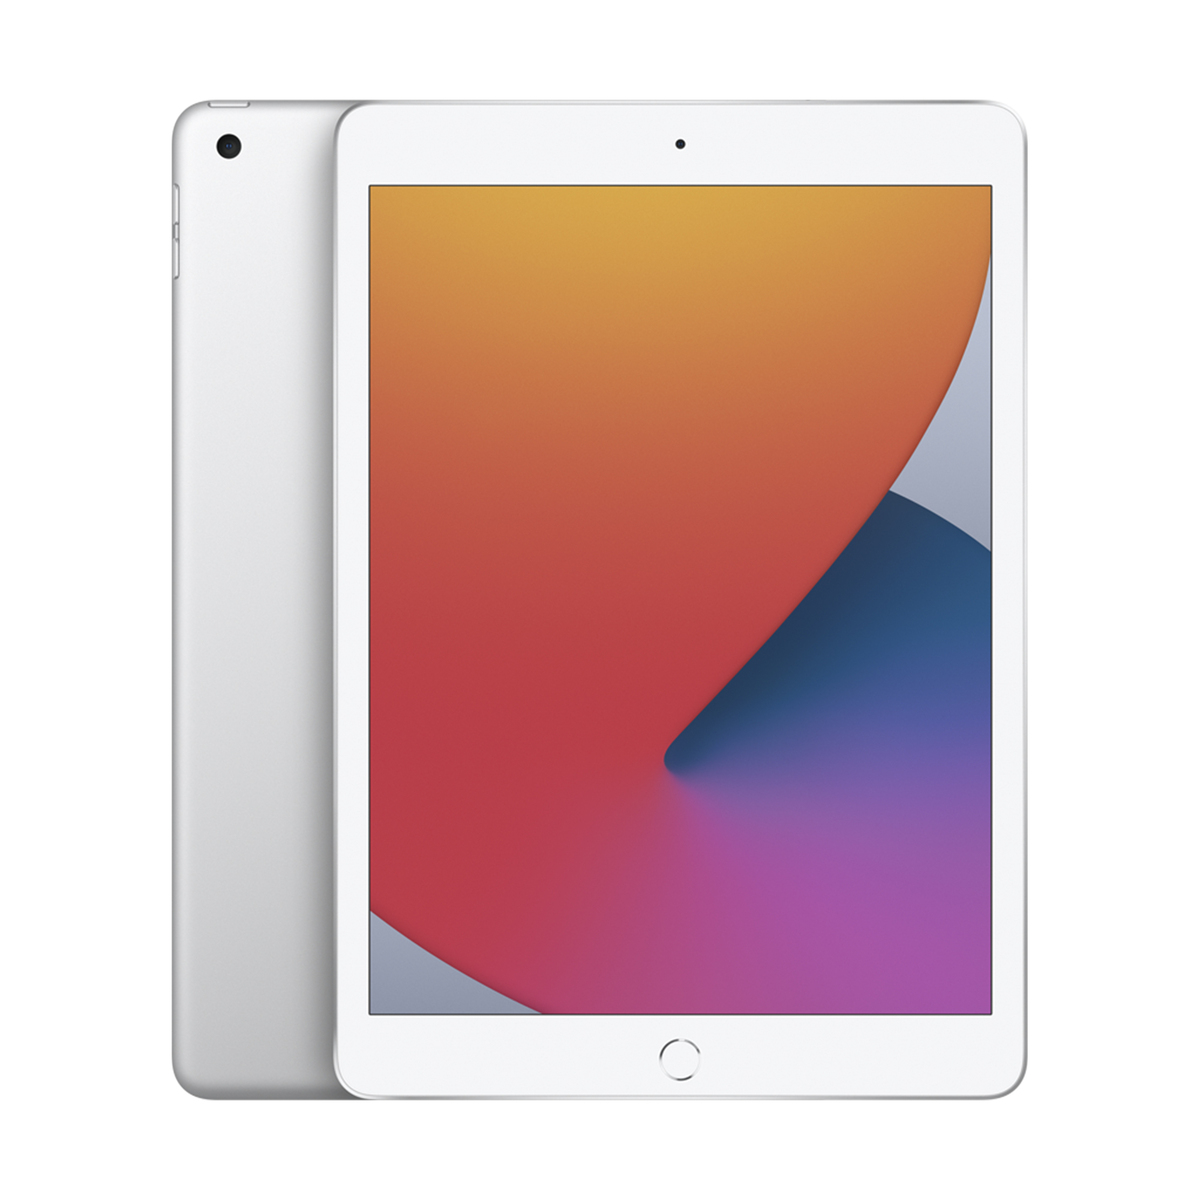 Apple iPad 8th Gen  10.2 inch Wifi (2020) (Silver 128GB + 3GB)